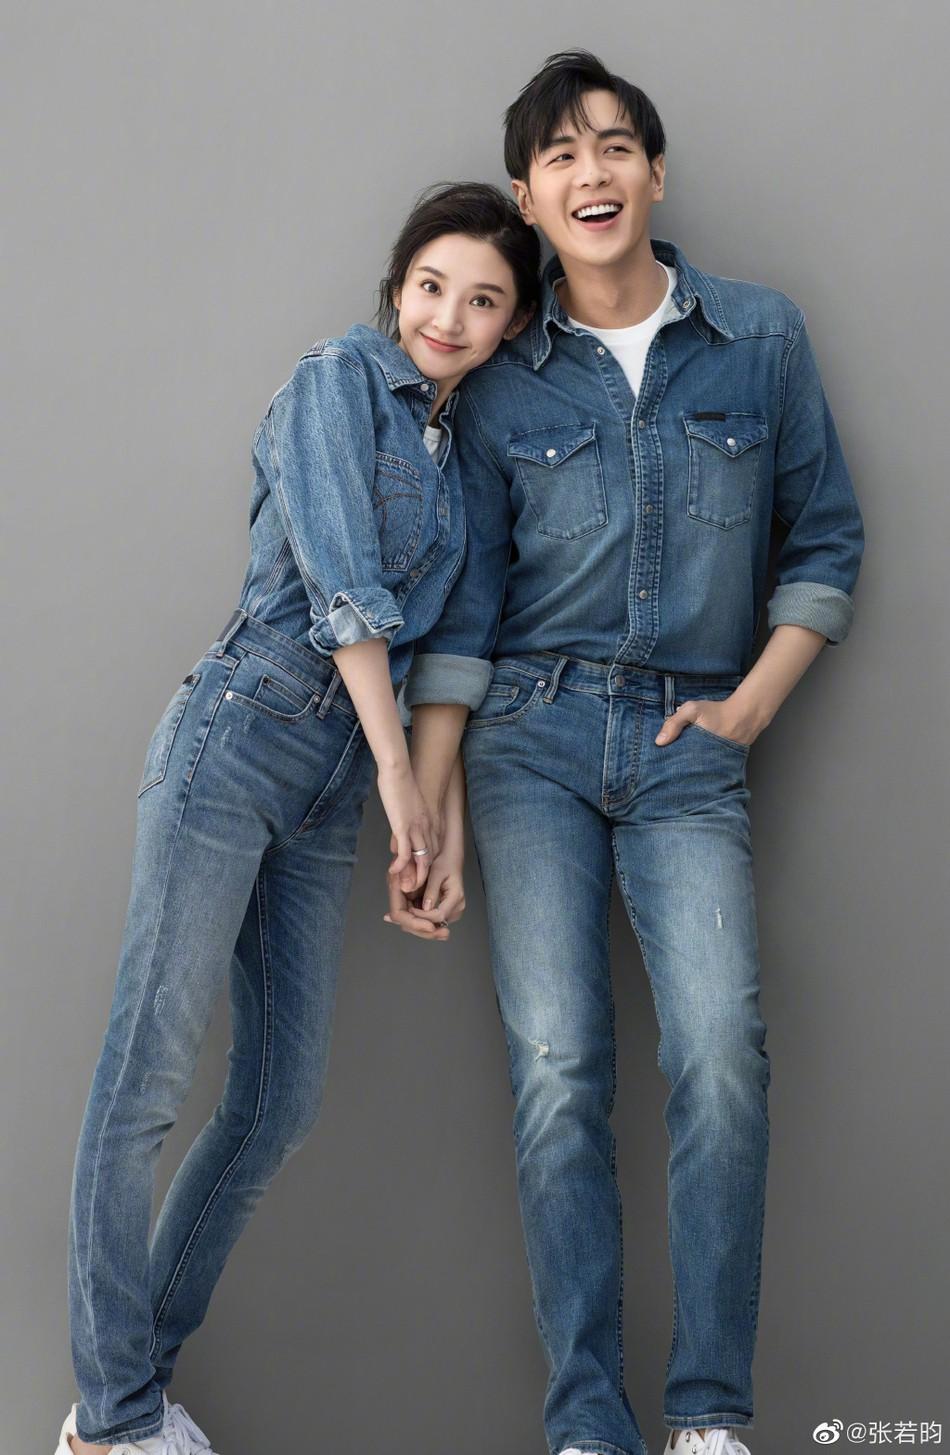 Bộ ảnh cưới tràn ngập hạnh phúc và nụ cười tít mắt của cặp đôi Tây Du Ký trước giờ G được tiết lộ - Ảnh 3.